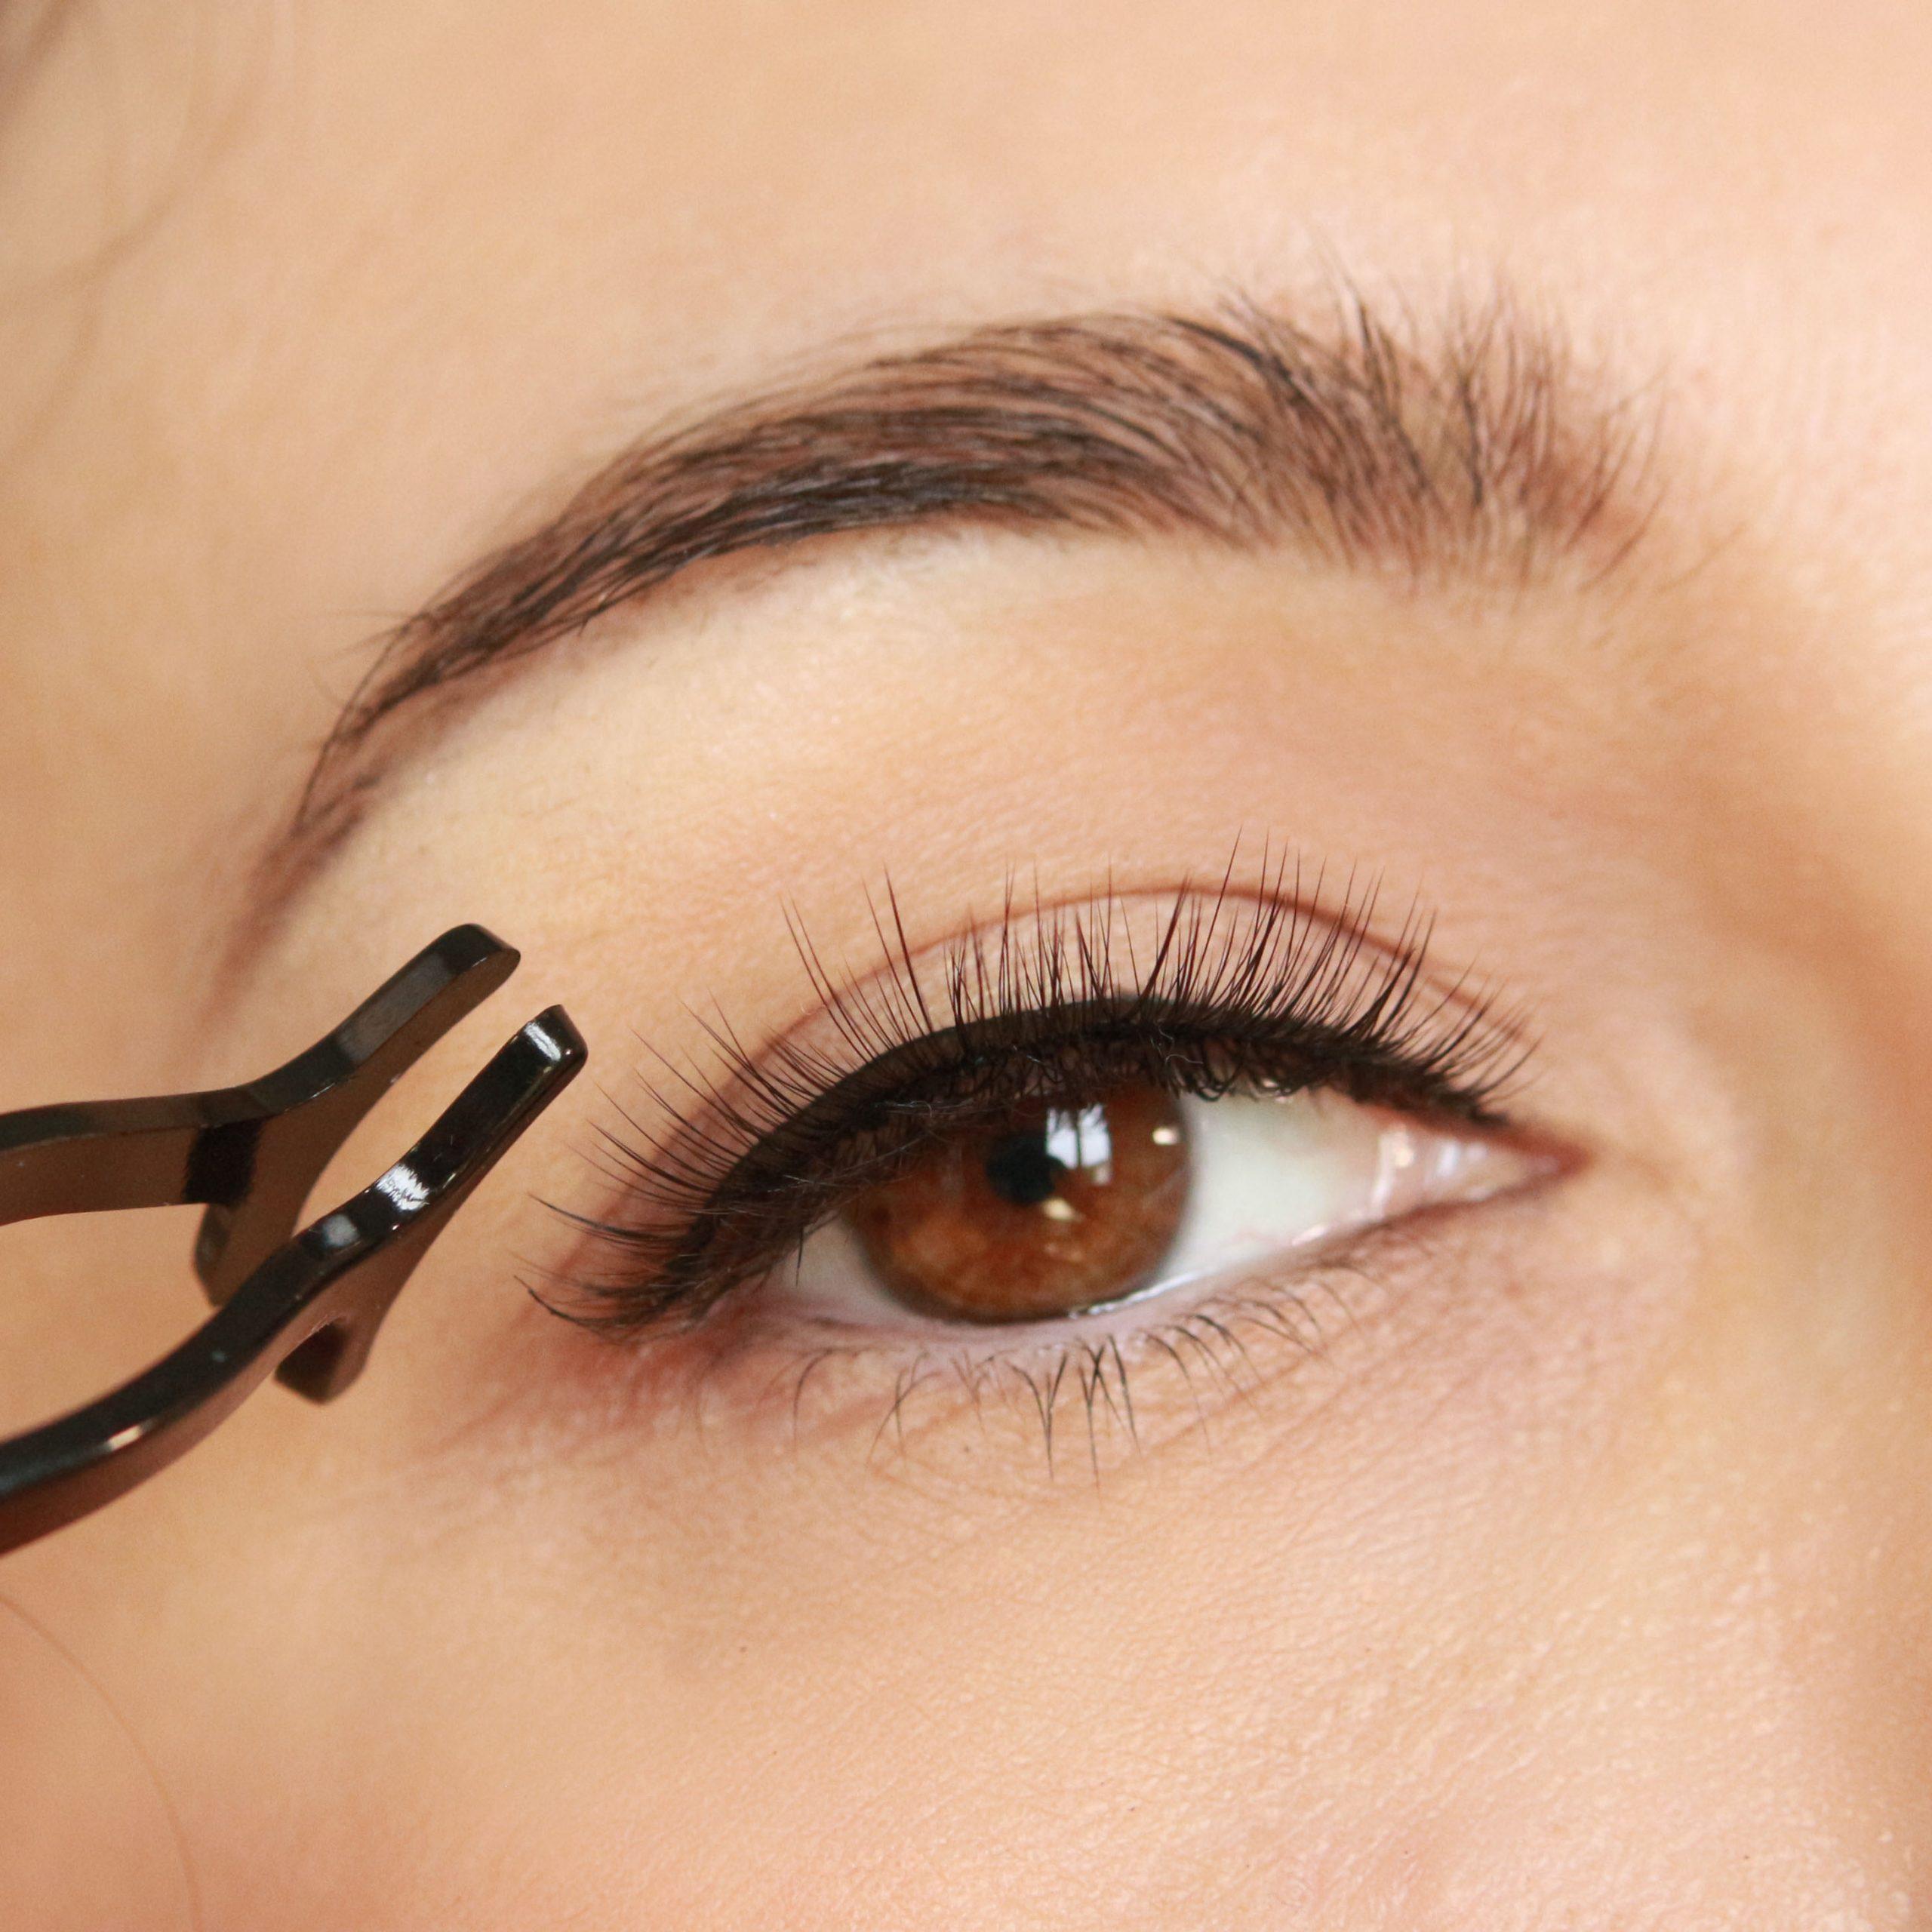 Come mettere l'eyeliner magnetico e le ciglia finte magnetiche: tutti i consigli.